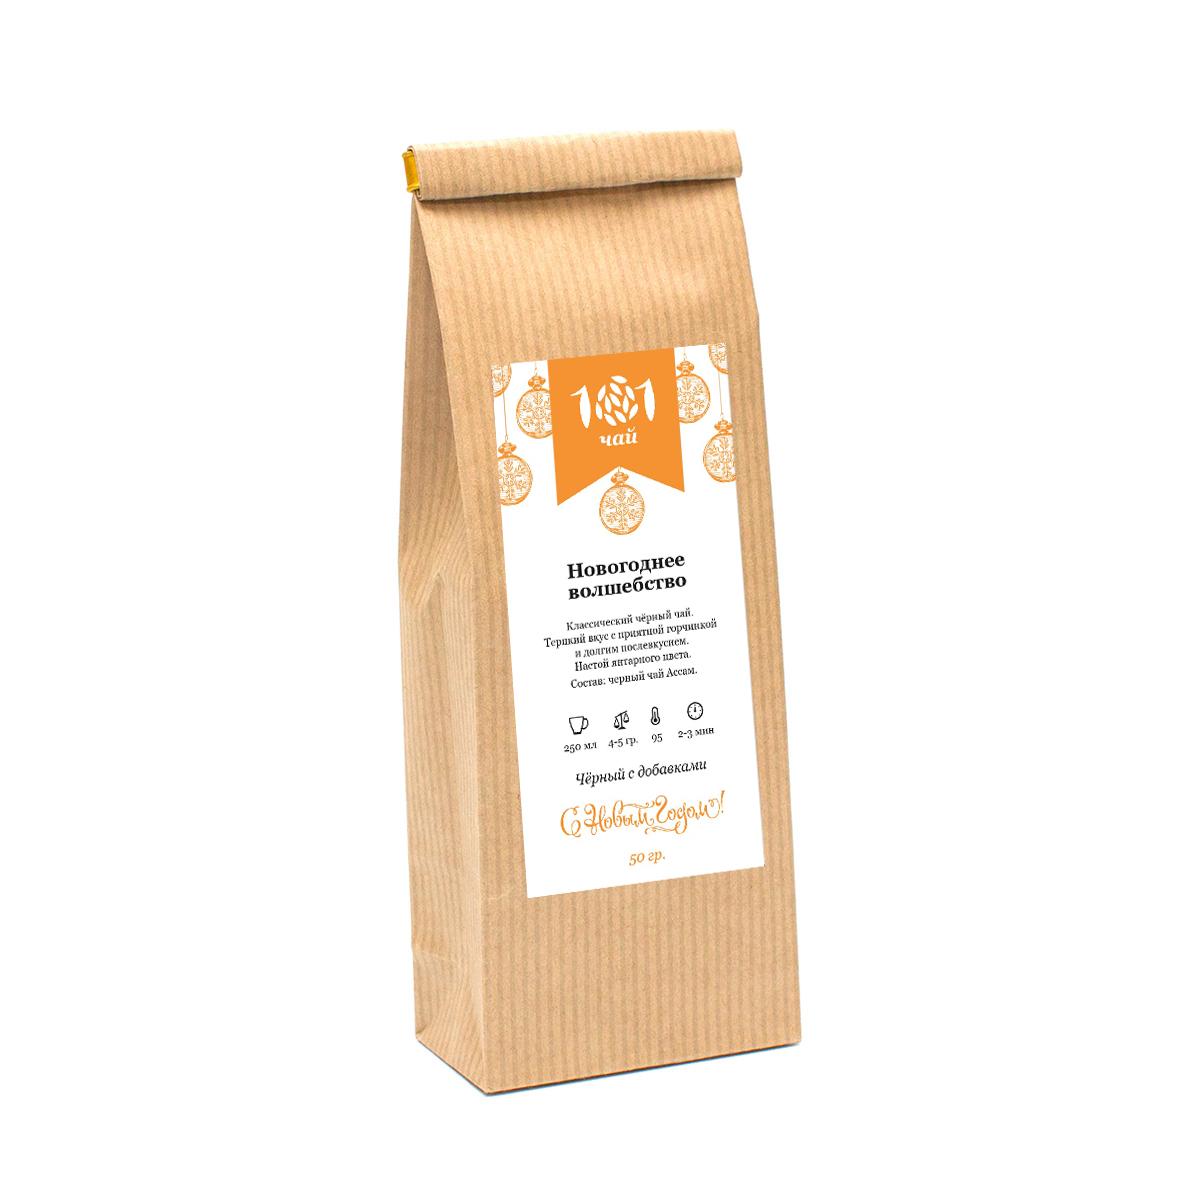 цена на Черный чай Новогоднее волшебство №3 (лот - 50 шт)